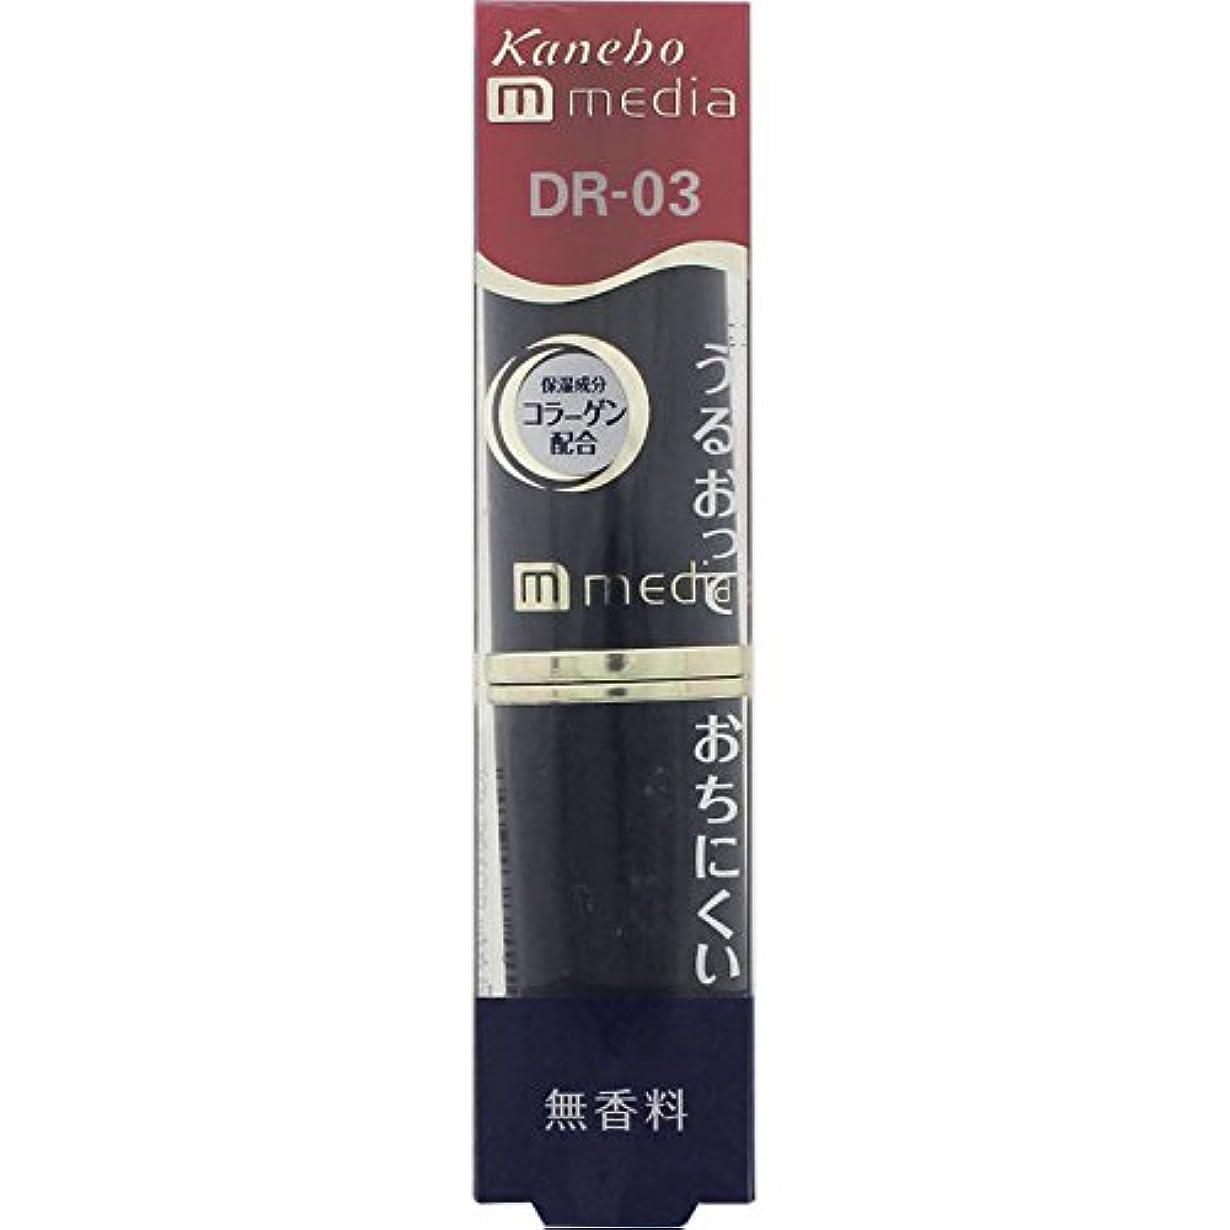 まで腹チャネルカネボウ メディア(media)クリ-ミィラスティングリツプA カラー:DR-03